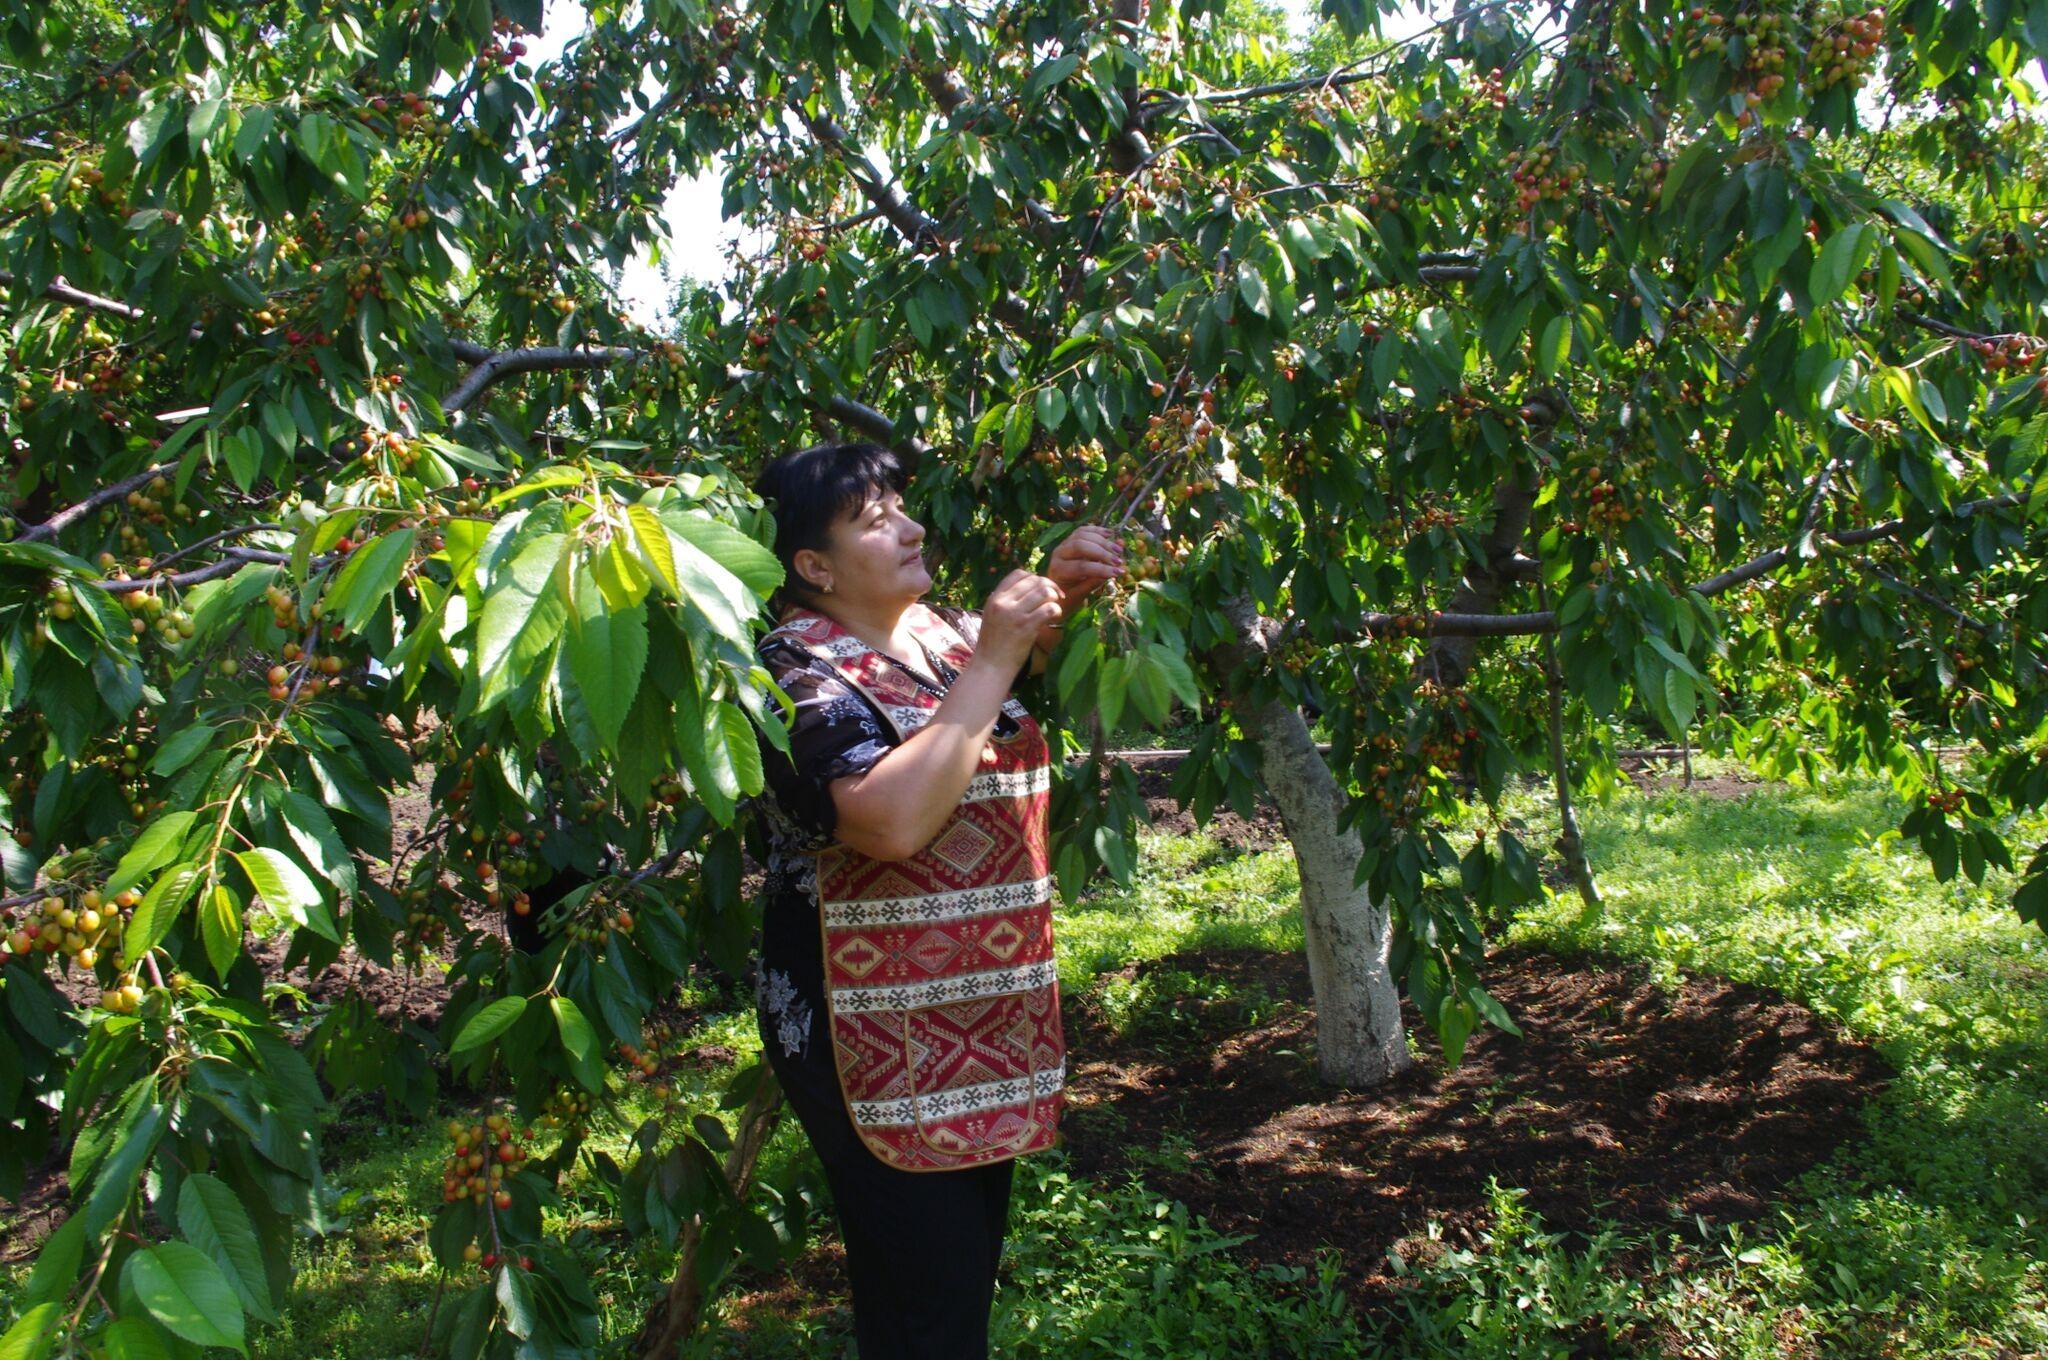 Retour sur la campagne de financement participatif pour l'acquisition d'un séchoir à fruits solaire en Arménie.